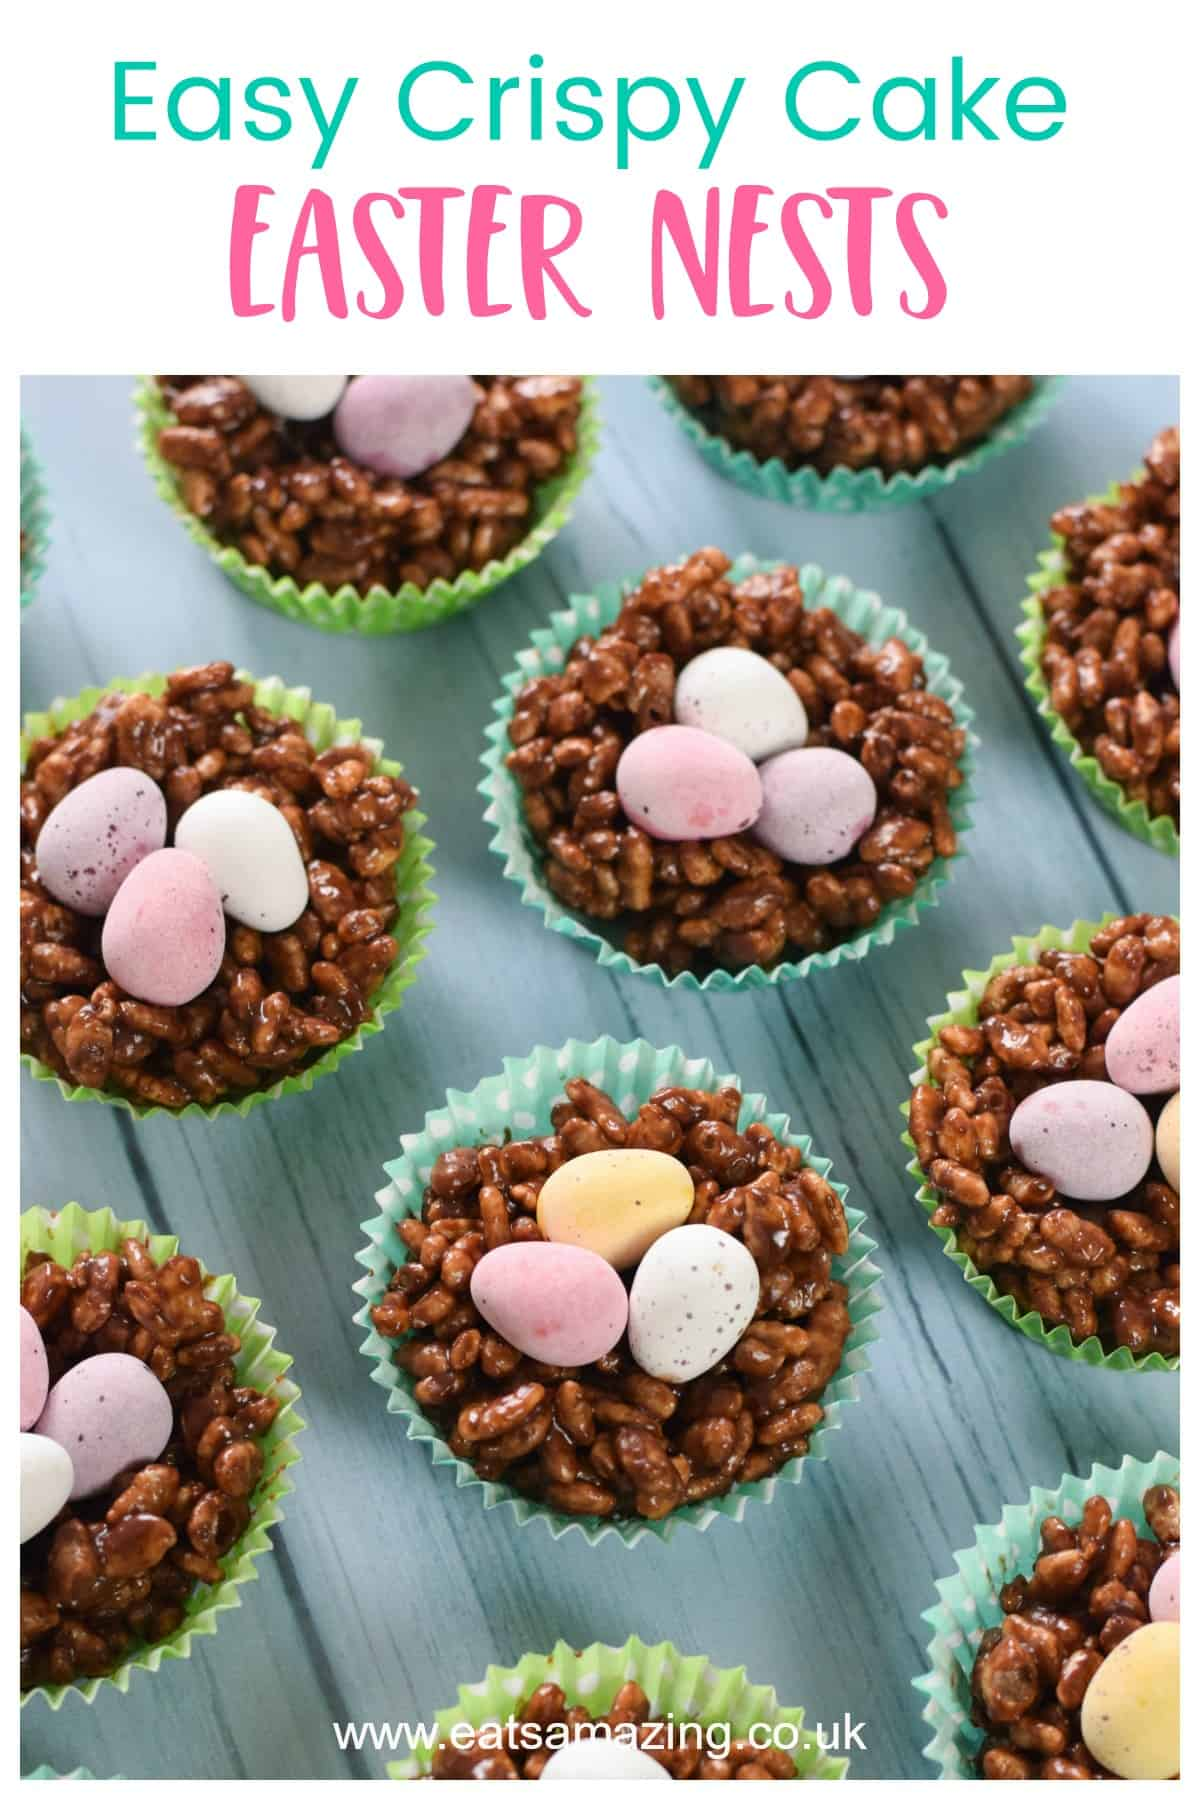 Easy Easter nest rice crispy cakes recipe - fun Easter treat for kids